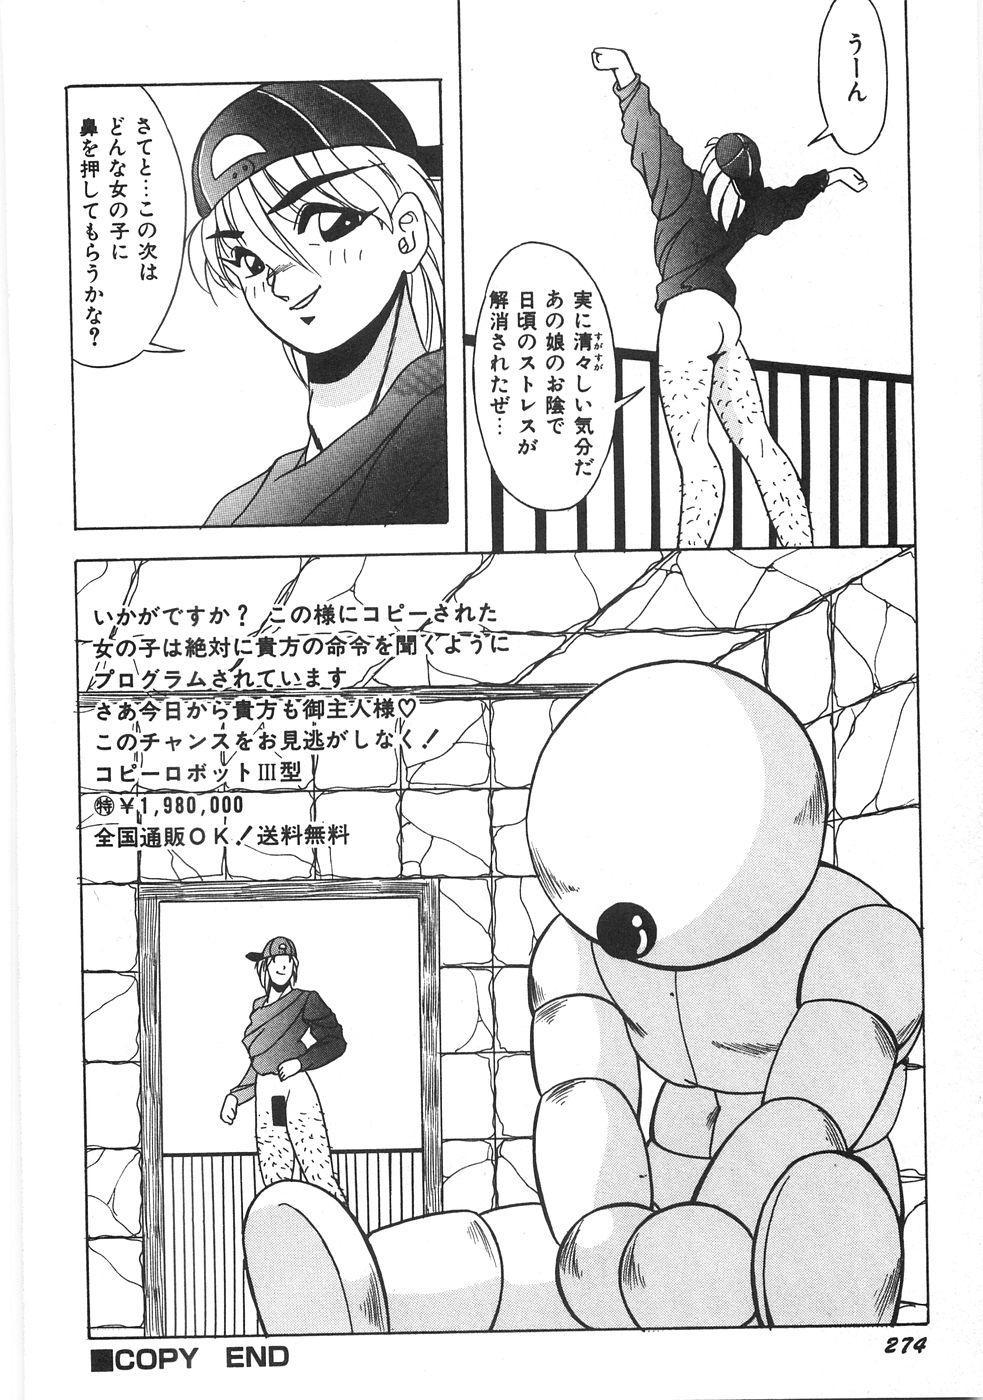 Seifuku Zukan Tenshi no Mitsugi 279